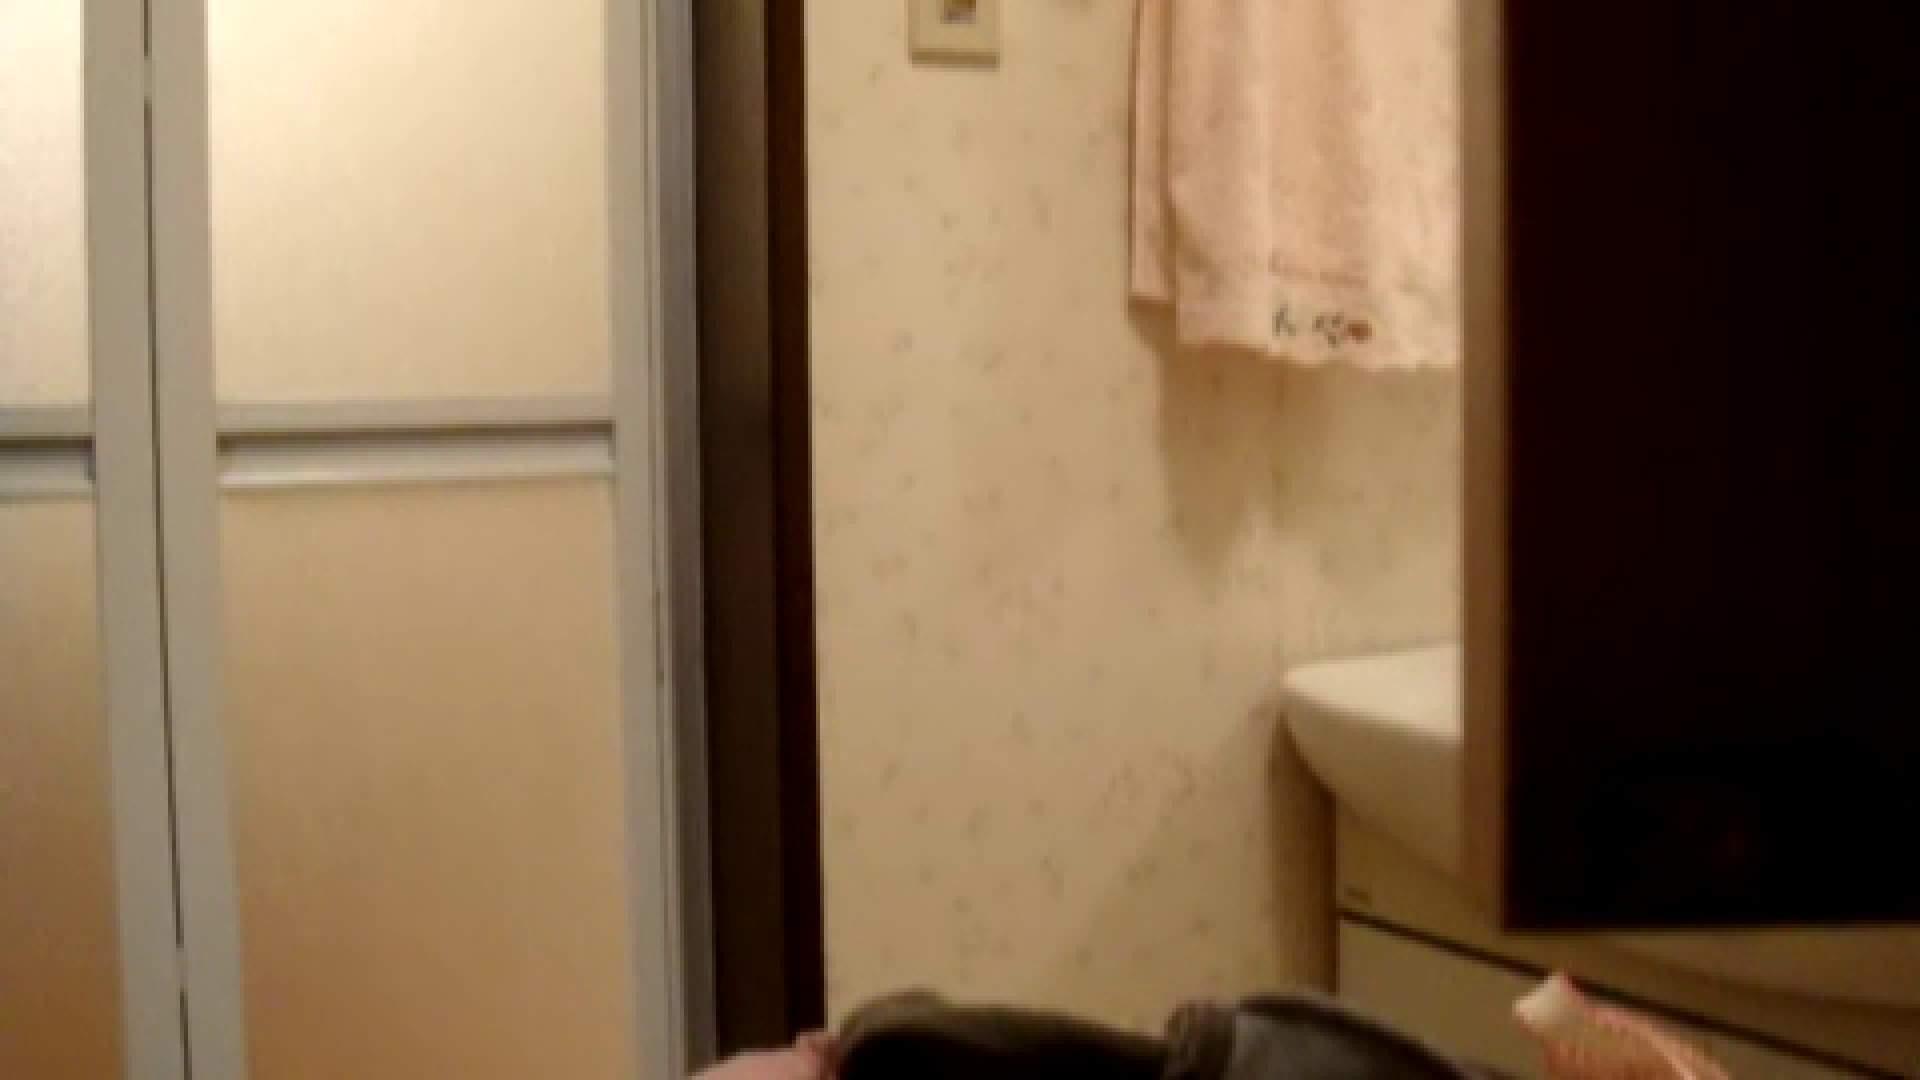 二人とも育てた甲斐がありました… vol.08 まどかの入浴中にカメラに気付いたか!? 綺麗なOLたち | 入浴  90枚 65